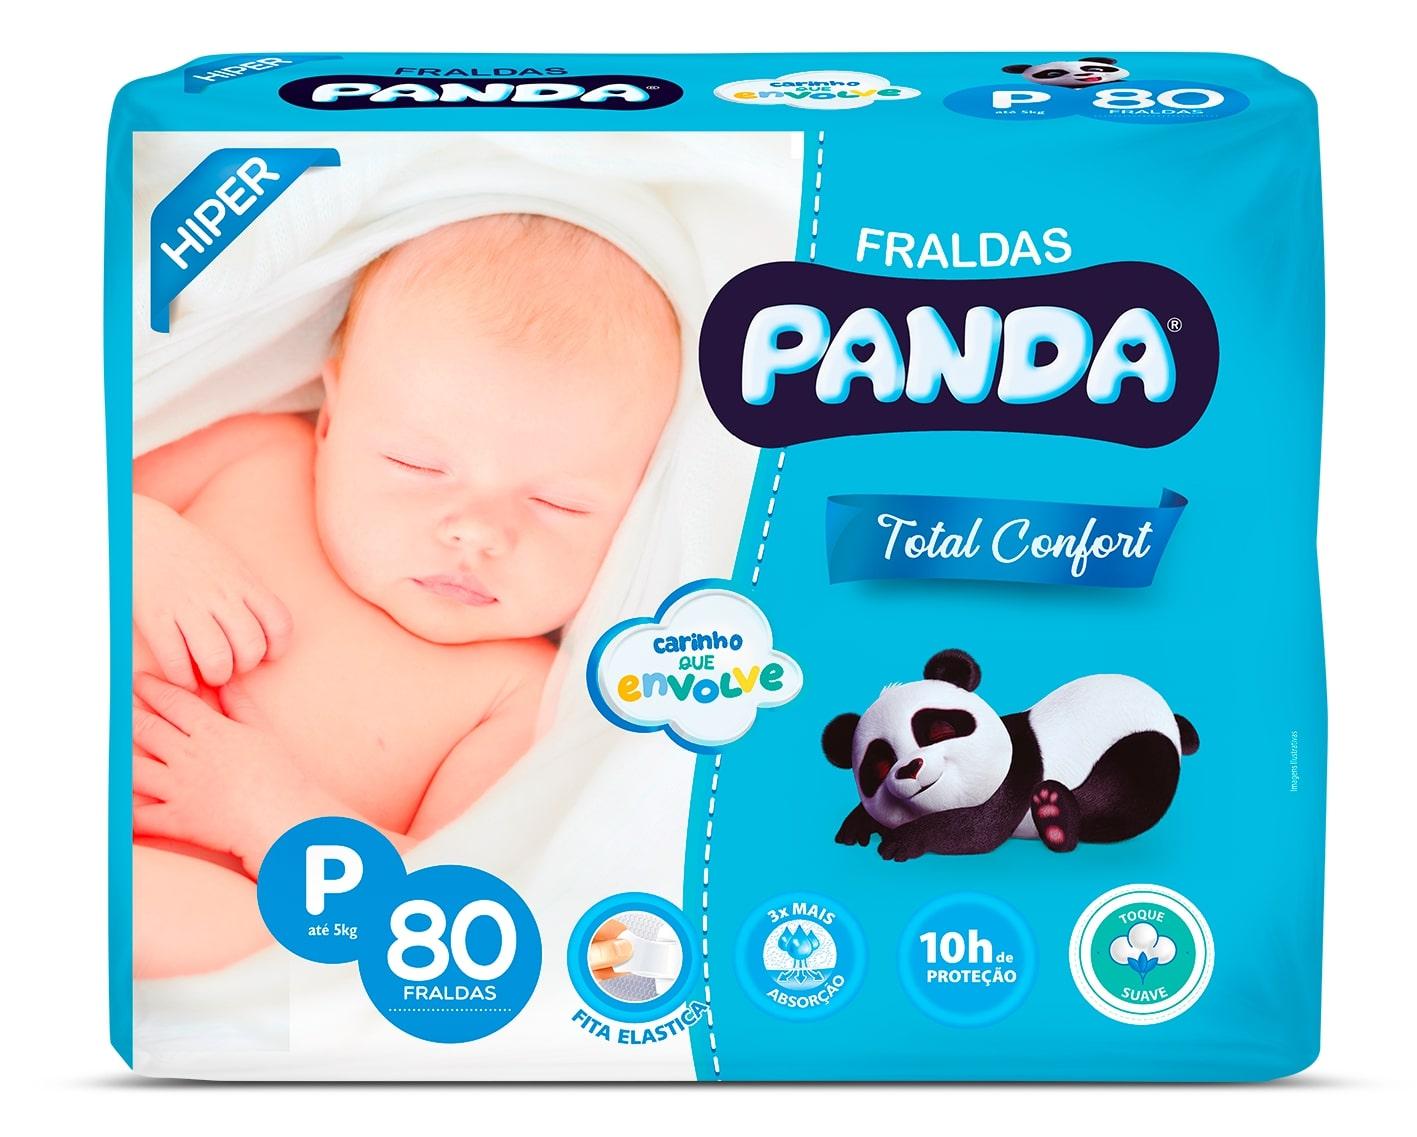 FRALDA PANDA T MACIO HIPER P 80UN